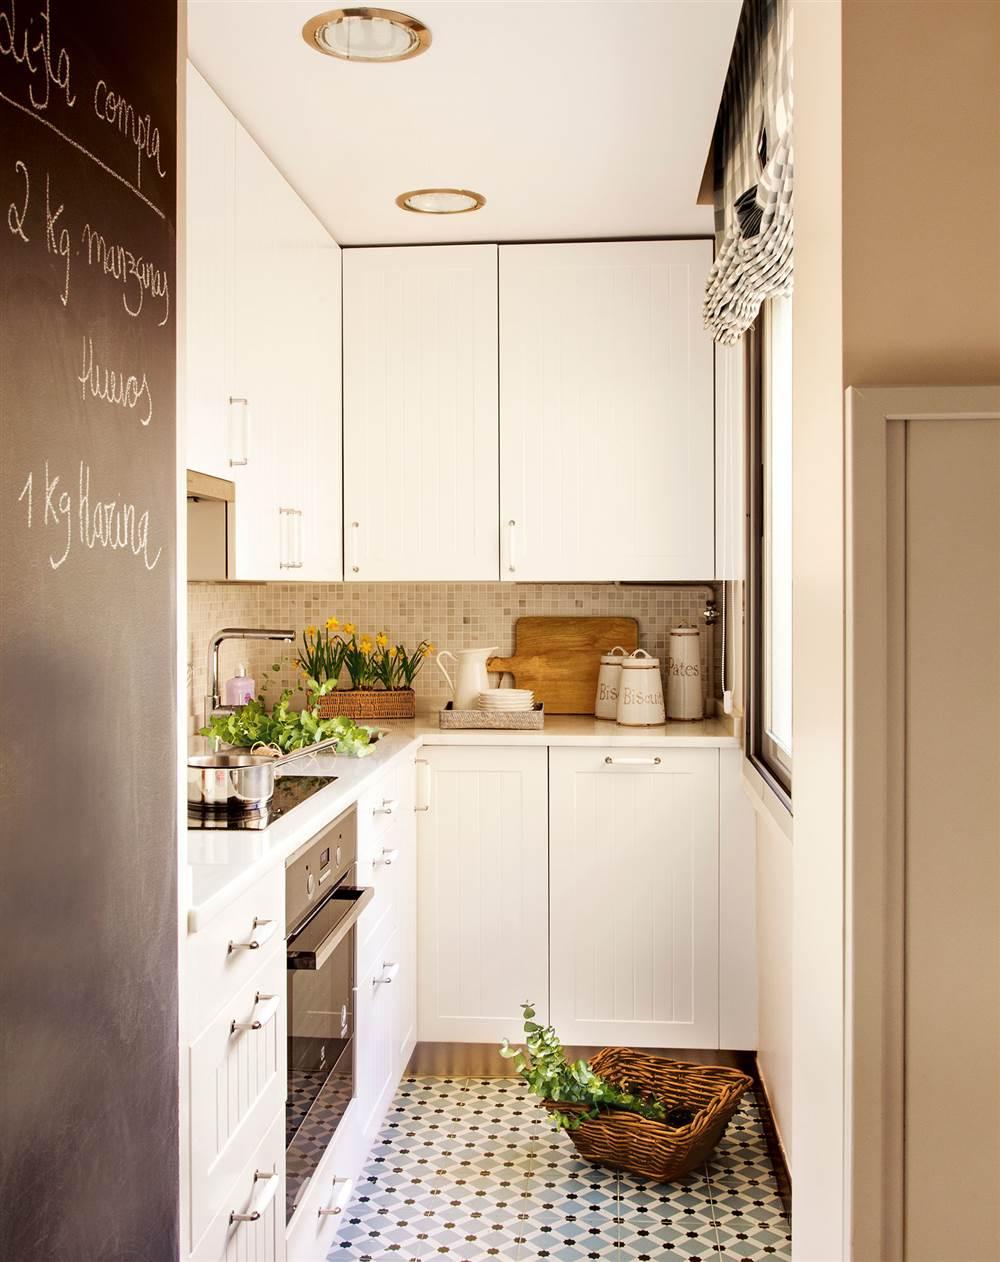 Ideas para aprovechar el espacio en las cocinas peque as for Cuarto 4x4 metros